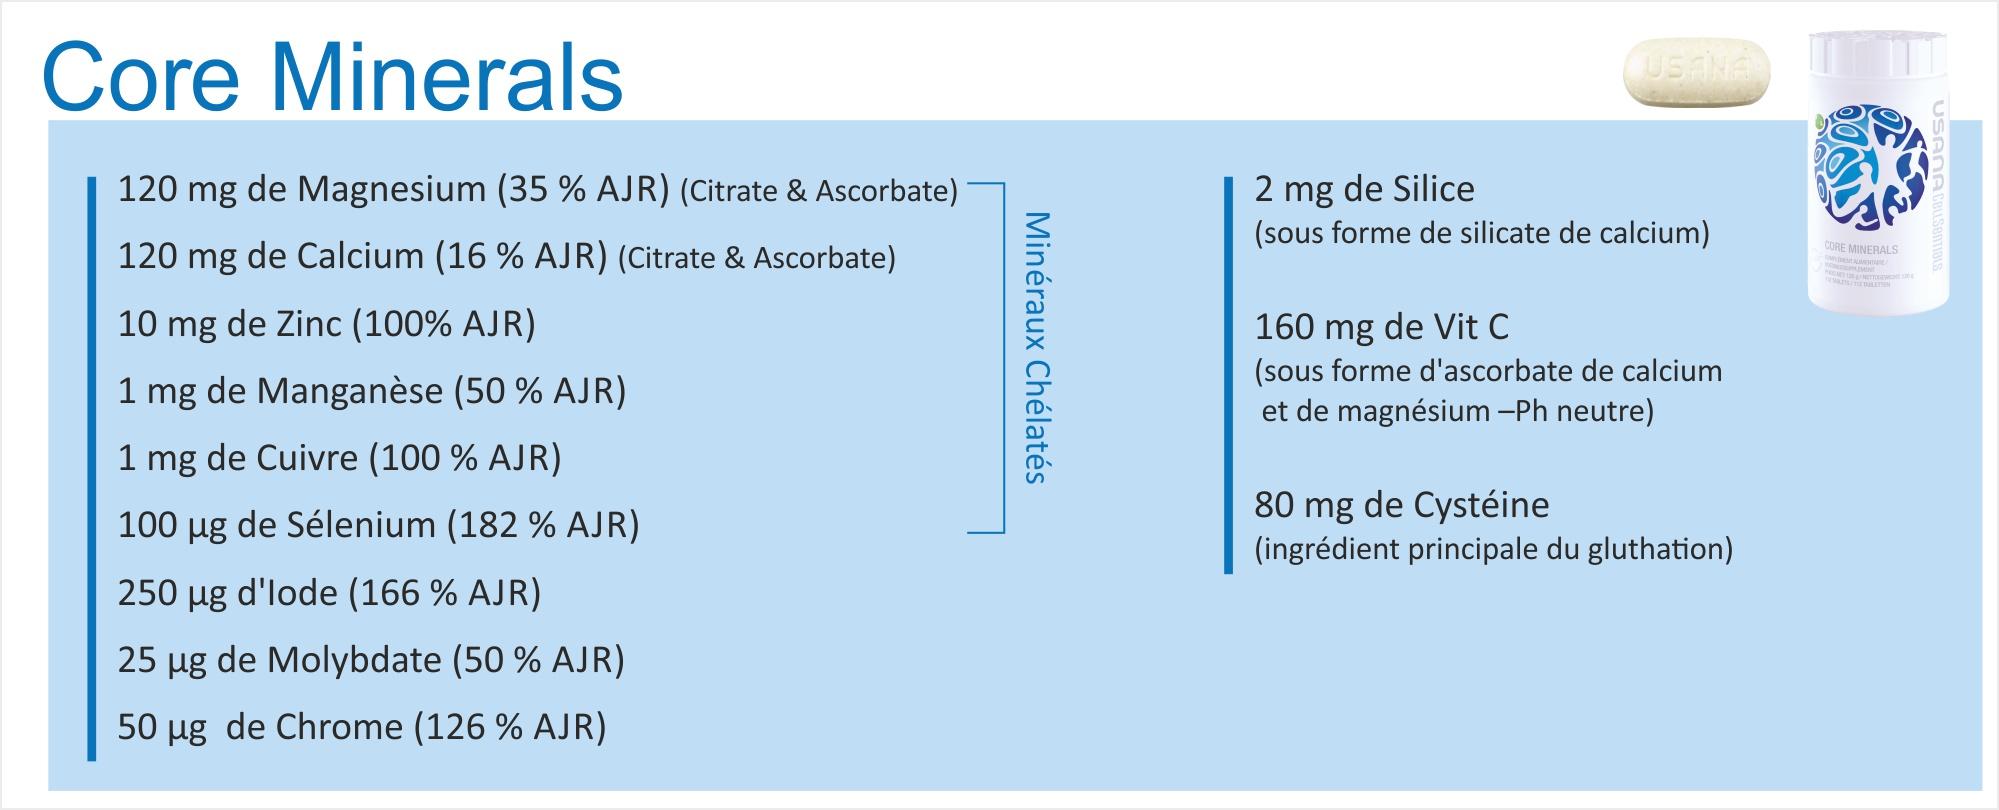 Core Minerals - ingrédients - USANA